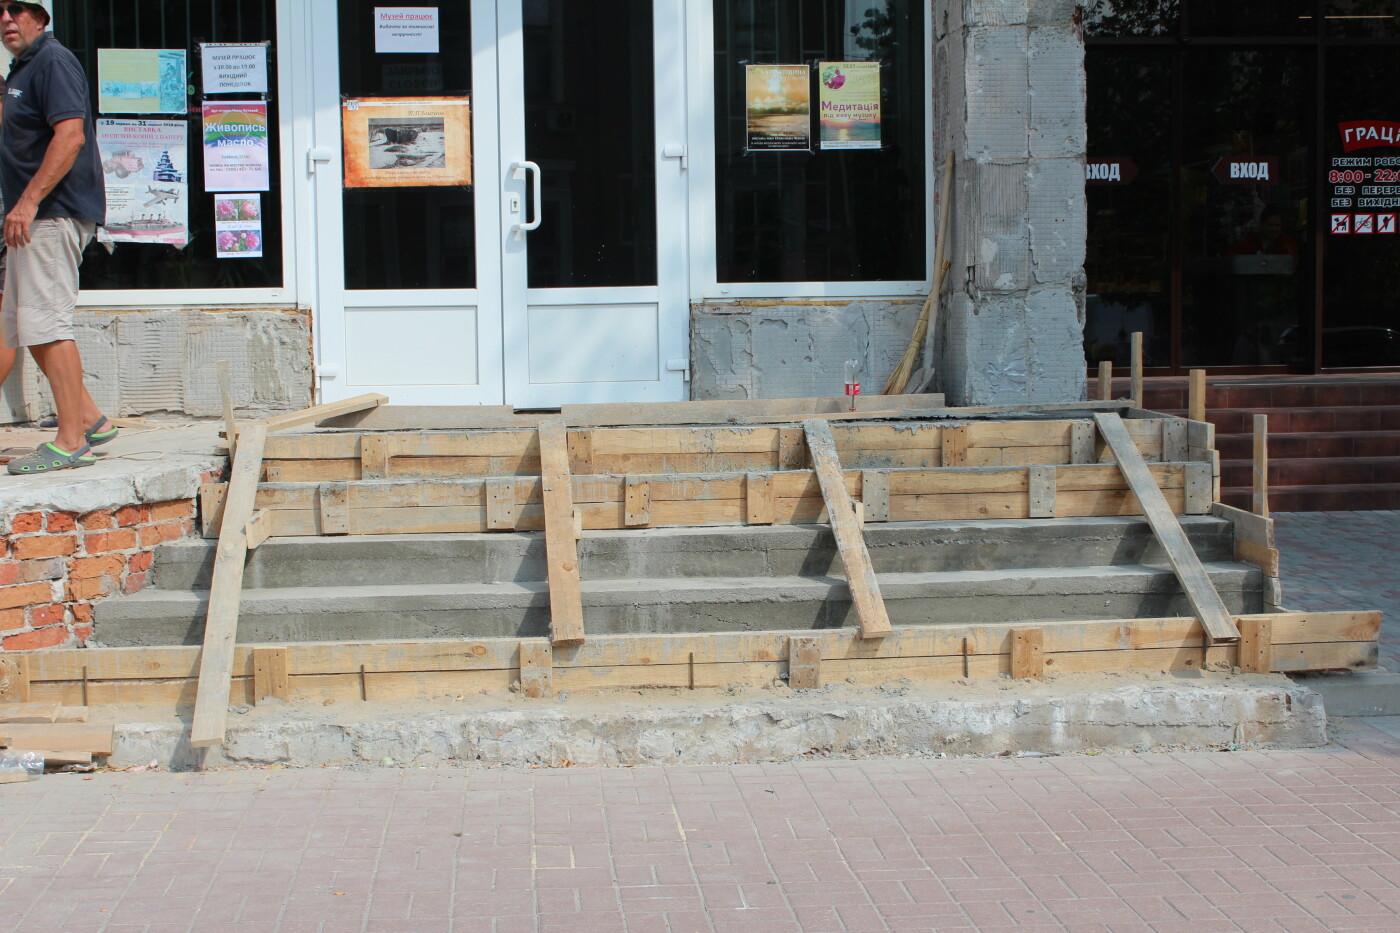 Реконструкция фасада музея им. Бродского завершена, фото-6